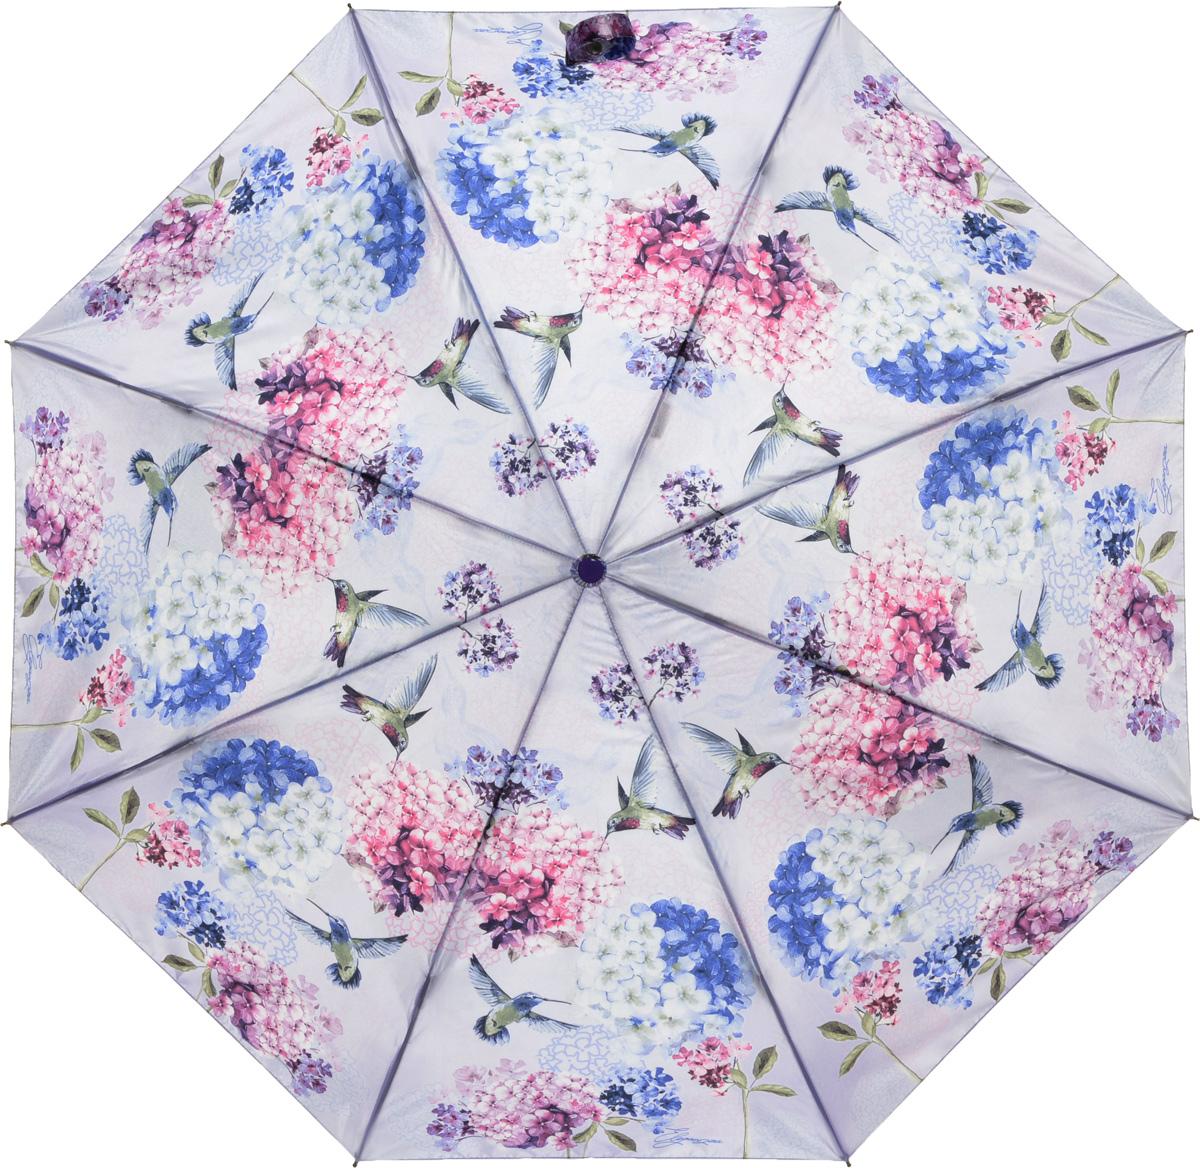 Зонт женский Eleganzza, автомат, 3 сложения, цвет: лиловый. A3-05-0255LA3-05-0255LЖенский зонт-автомат ELEGANZZA. Материал купола 100% полиэстер, сатин. Материал каркаса: сталь + фибергласс. Материал ручки: пластик. Длина изделия - 30 см, диаметр купола - 105 см.